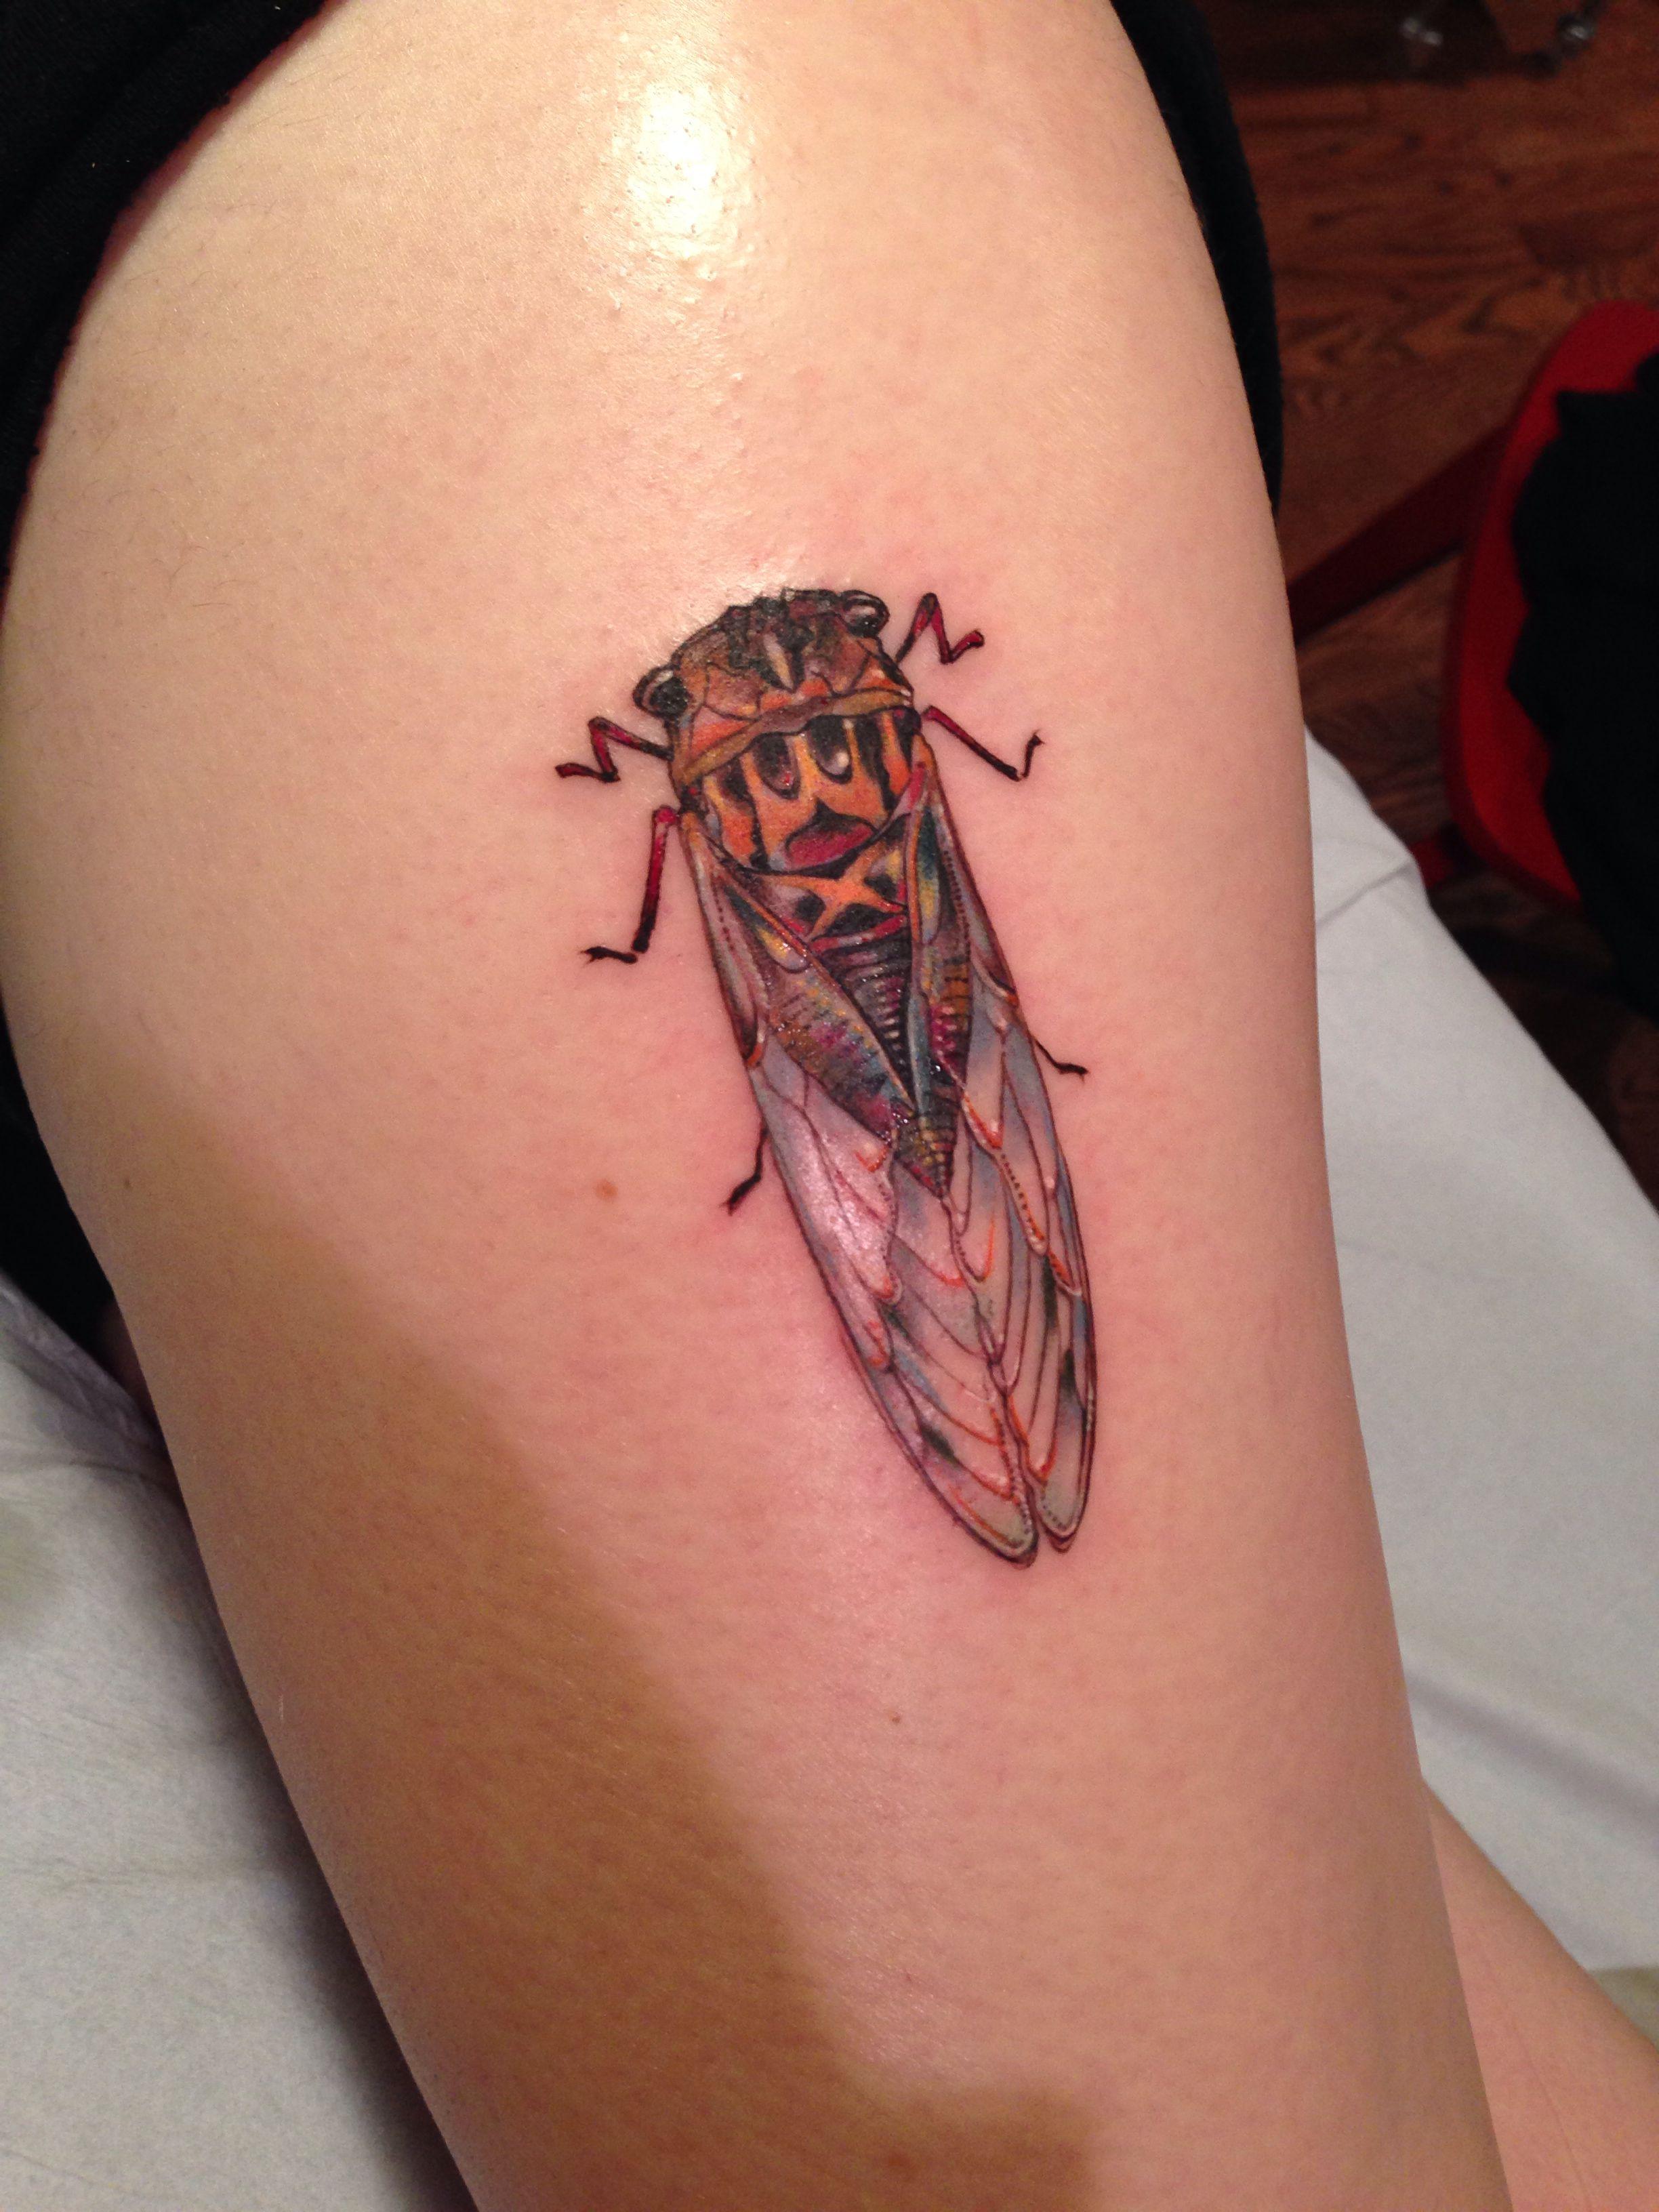 Stephanie Brown at butterfat studios #tattoo #legtattoo #cicada #cicadatattoo #butterfat #bugtattoo #bug #prismatic #smalltattoo #nature #naturetattoo